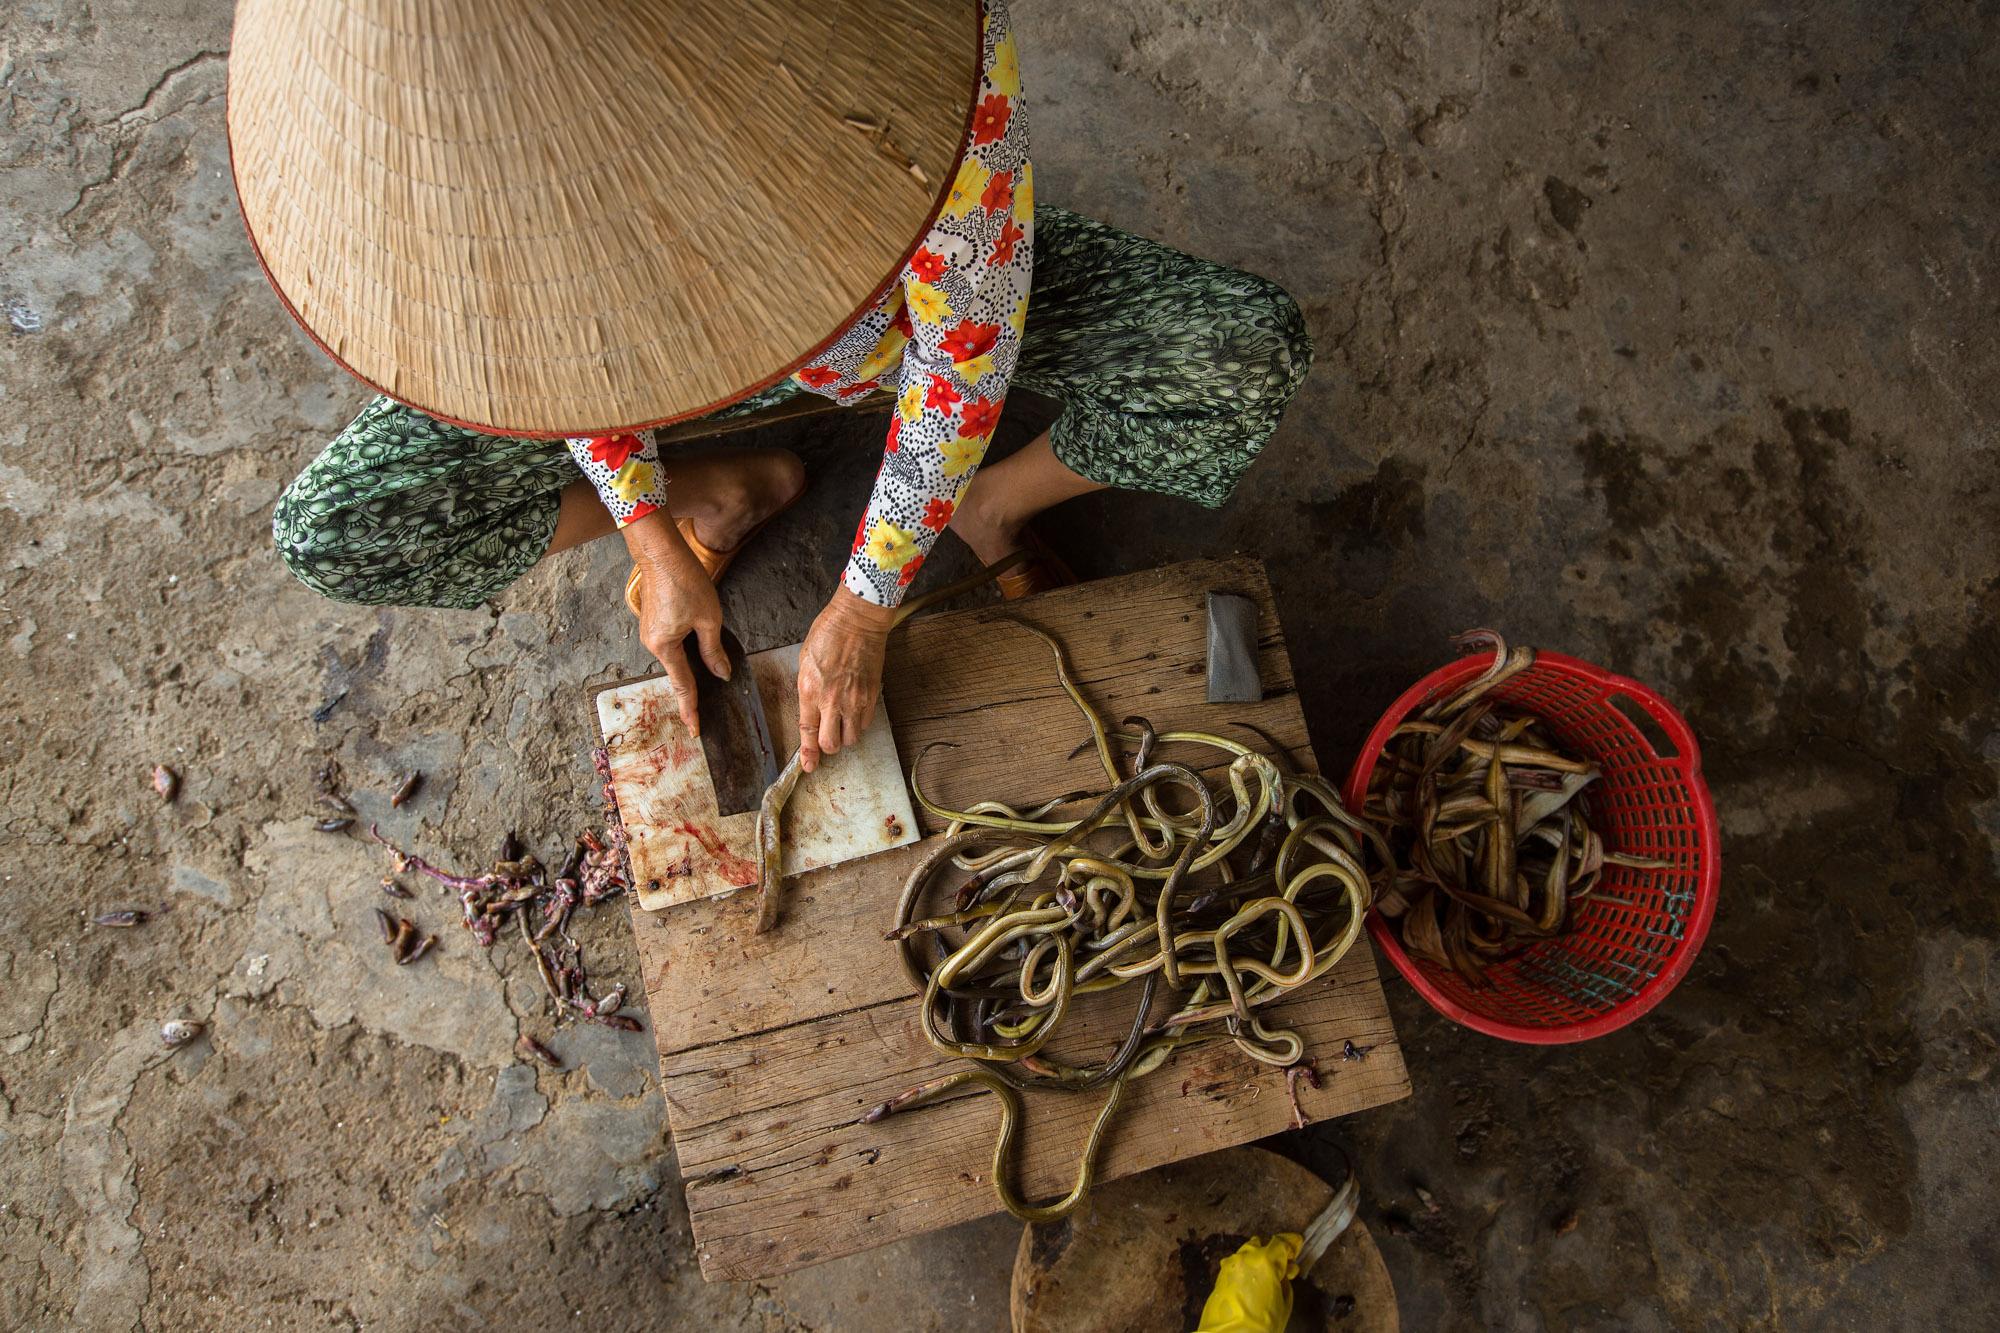 Woman Preparing Eels